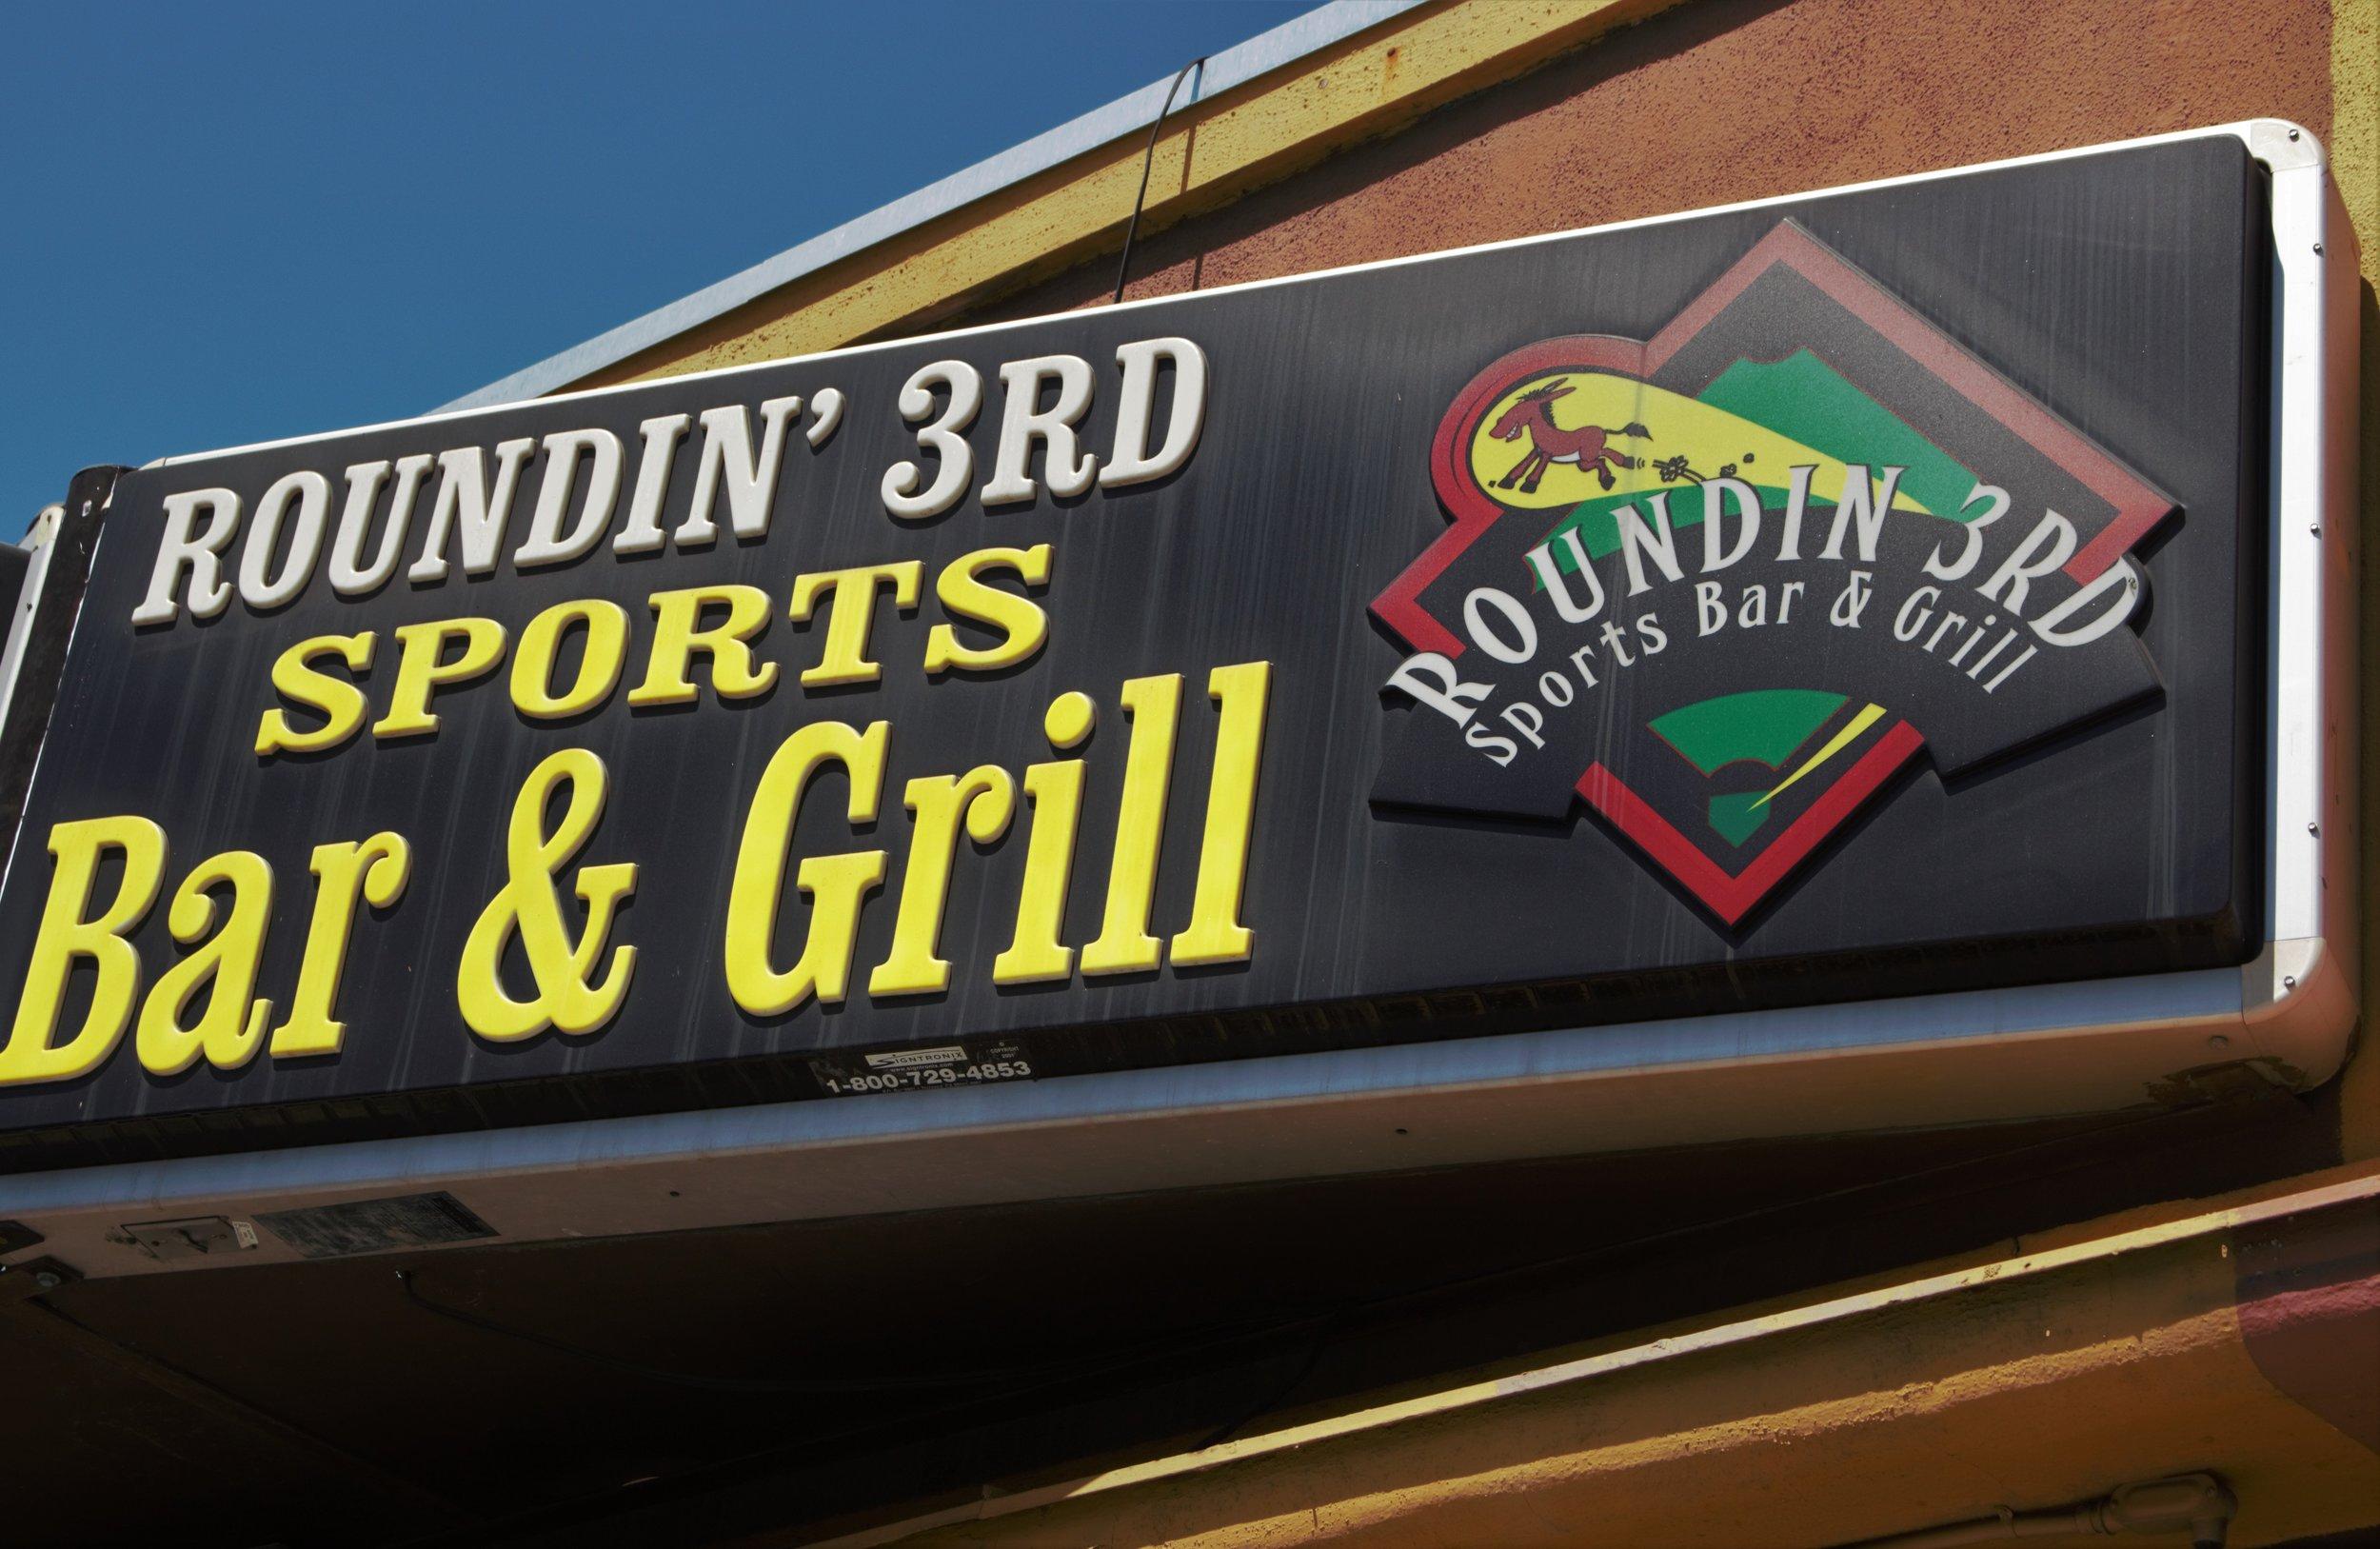 Roundin' 3rd is one of Long Beach's hidden gems.